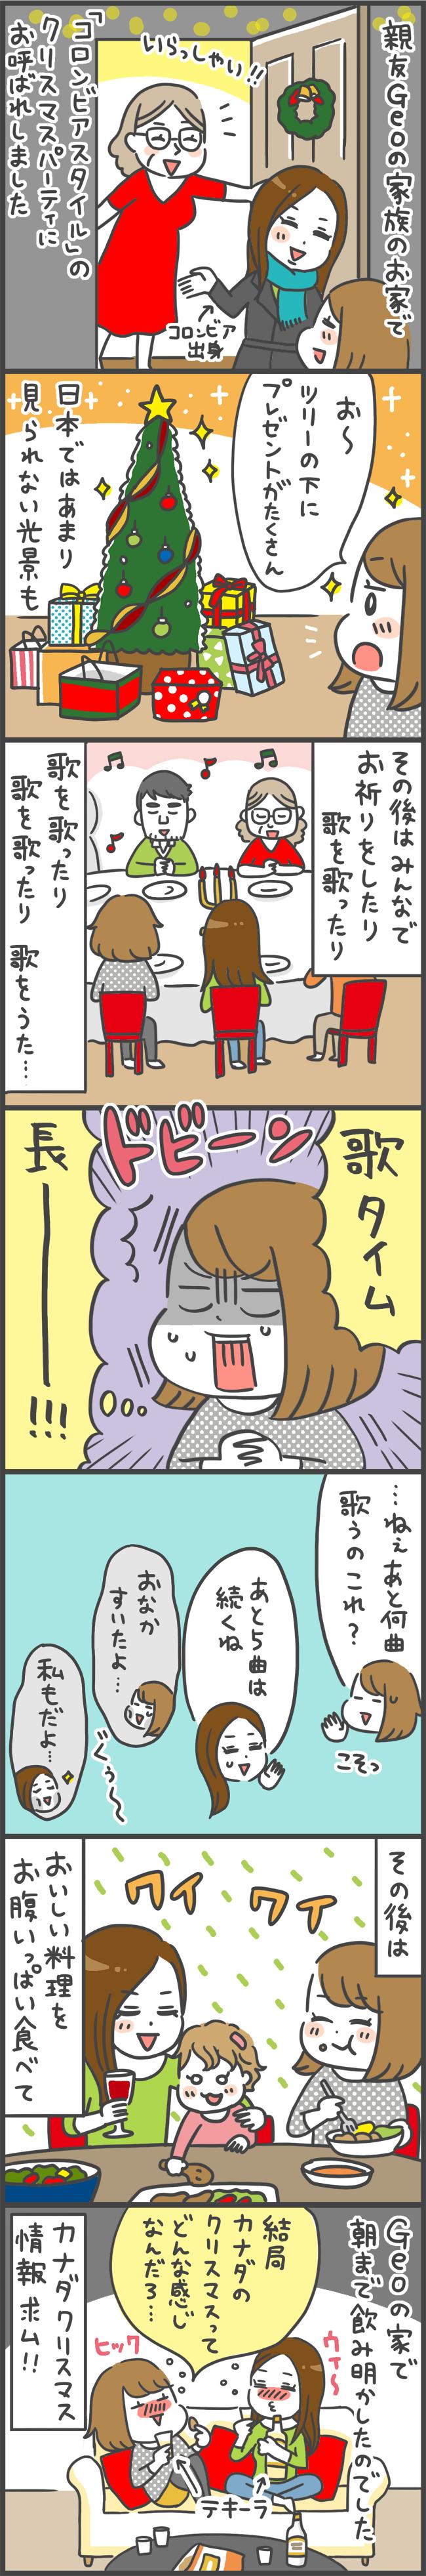 みさPさん・あきばさんのWebマンガ第16回